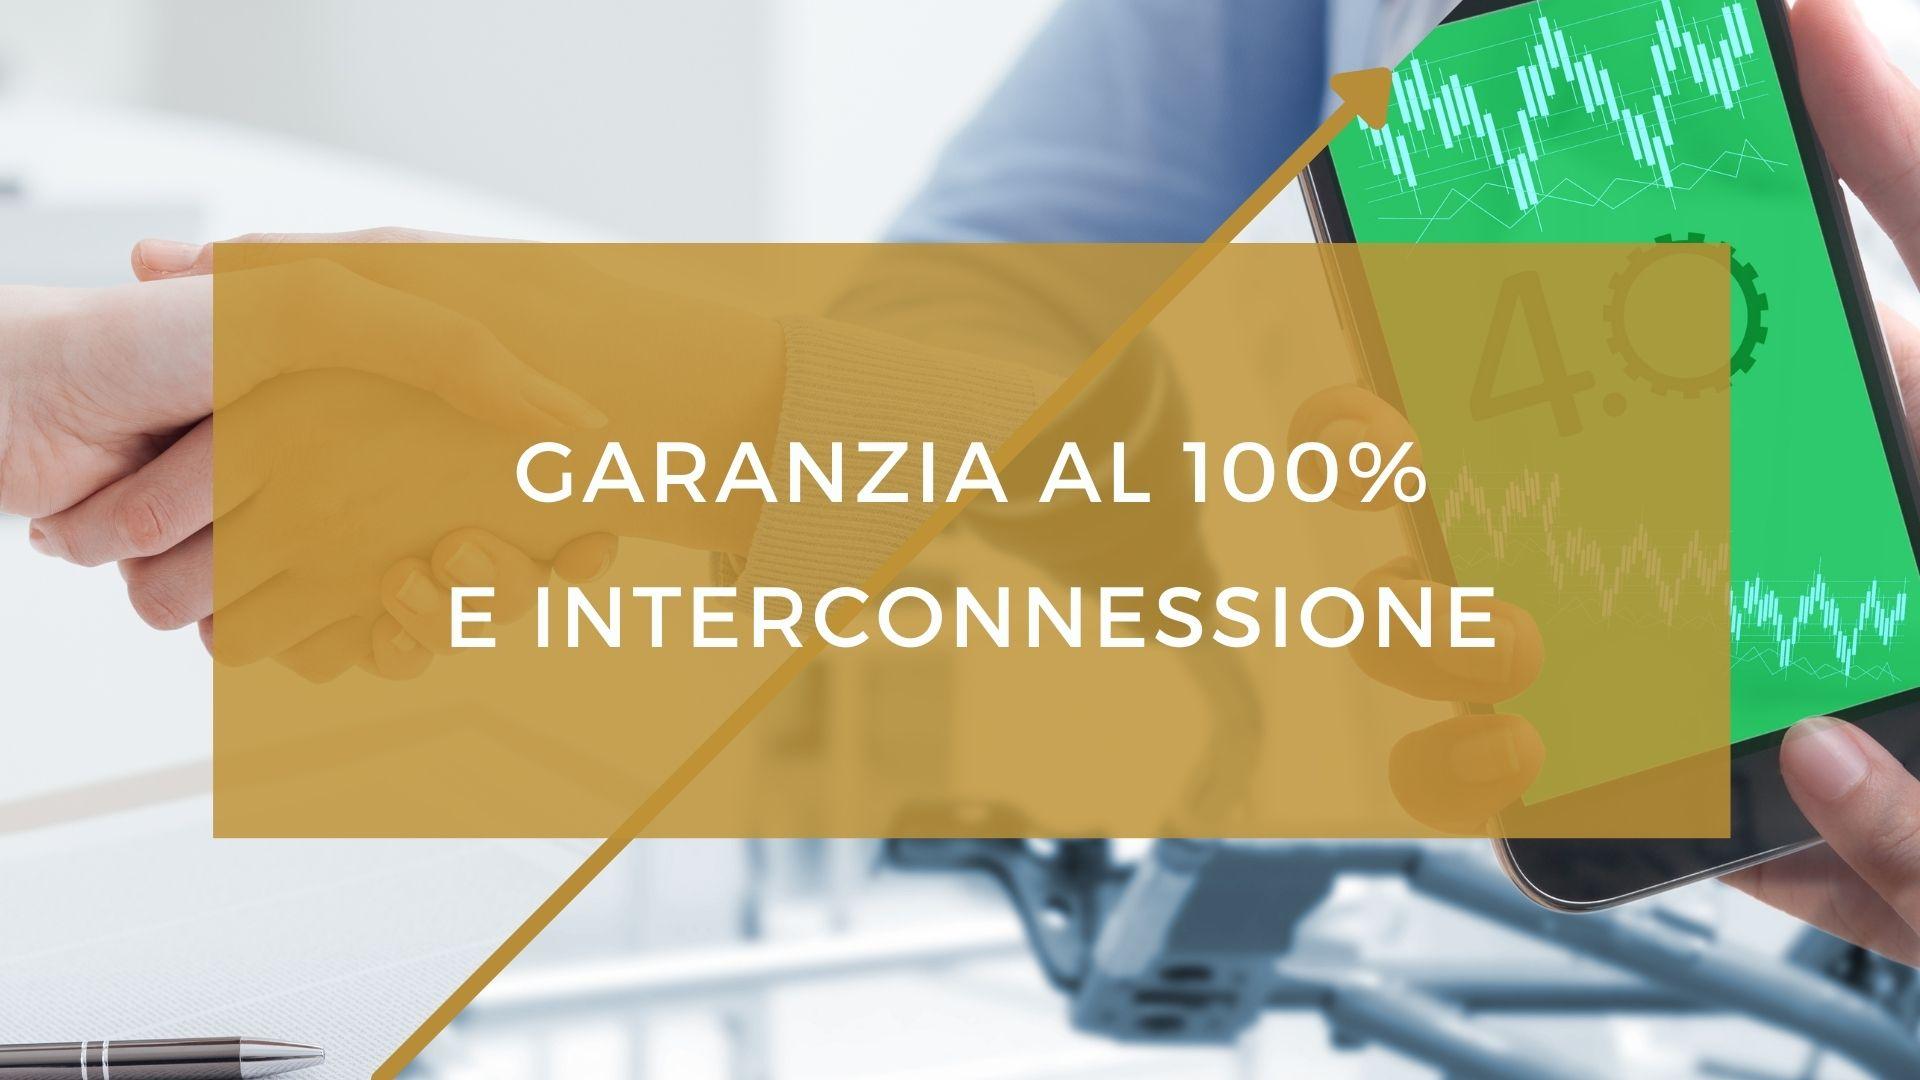 Garanzia al 100% e interconnessione